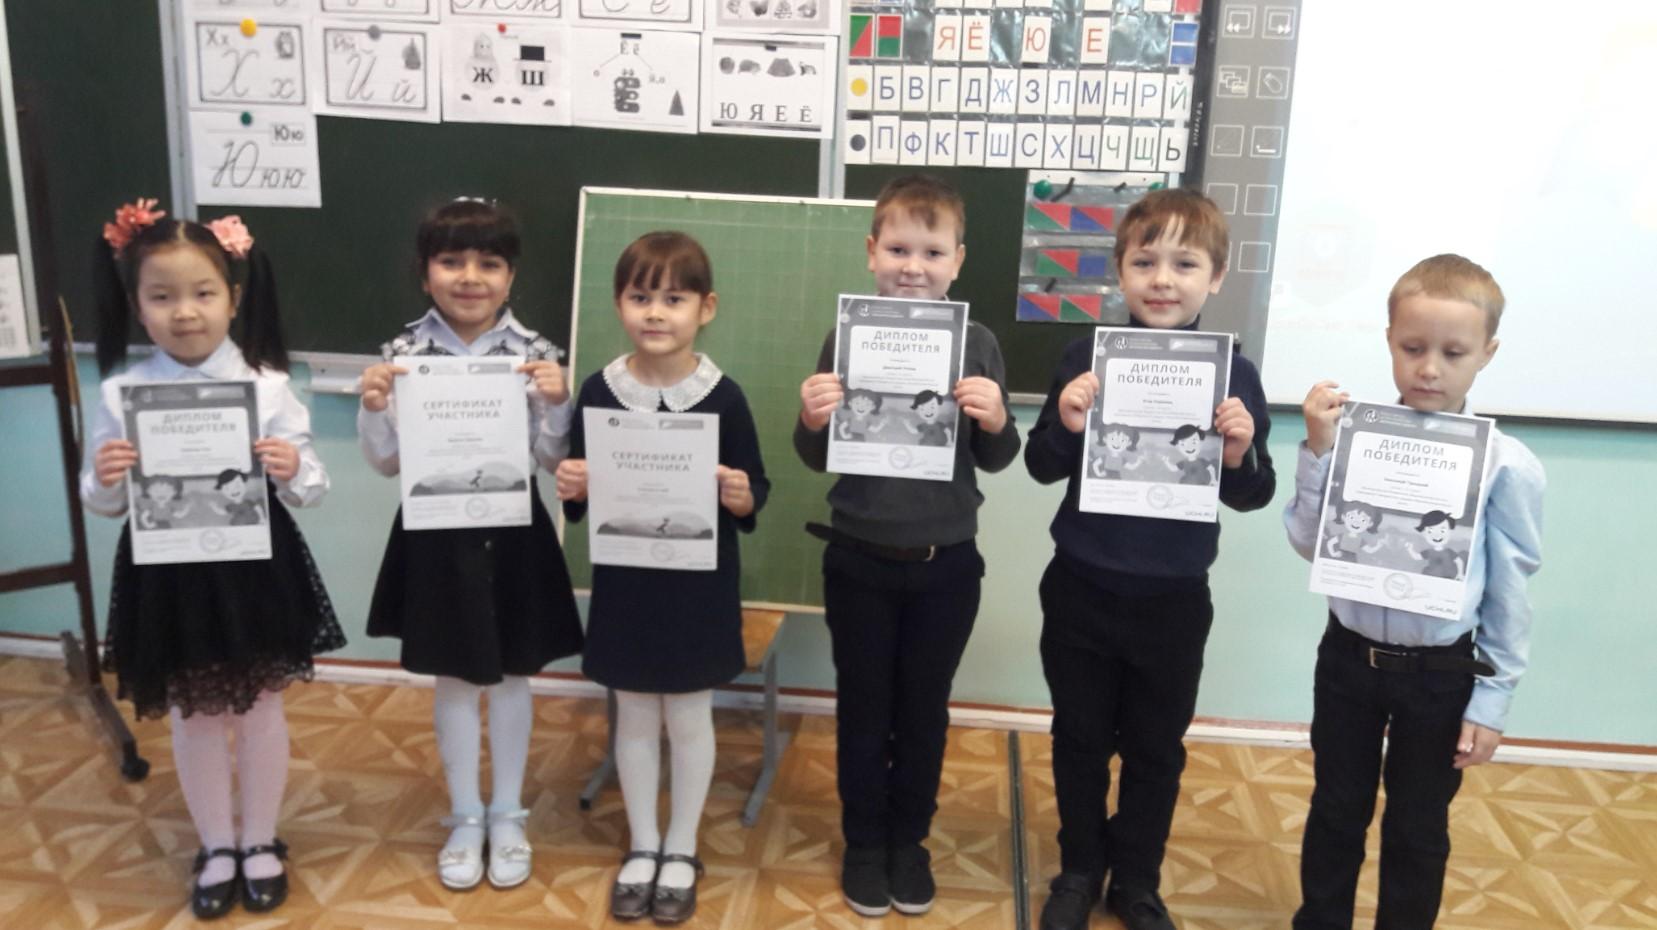 Пять дипломов победителей за «Безопасные дороги» получили ученики Побединской СОШ